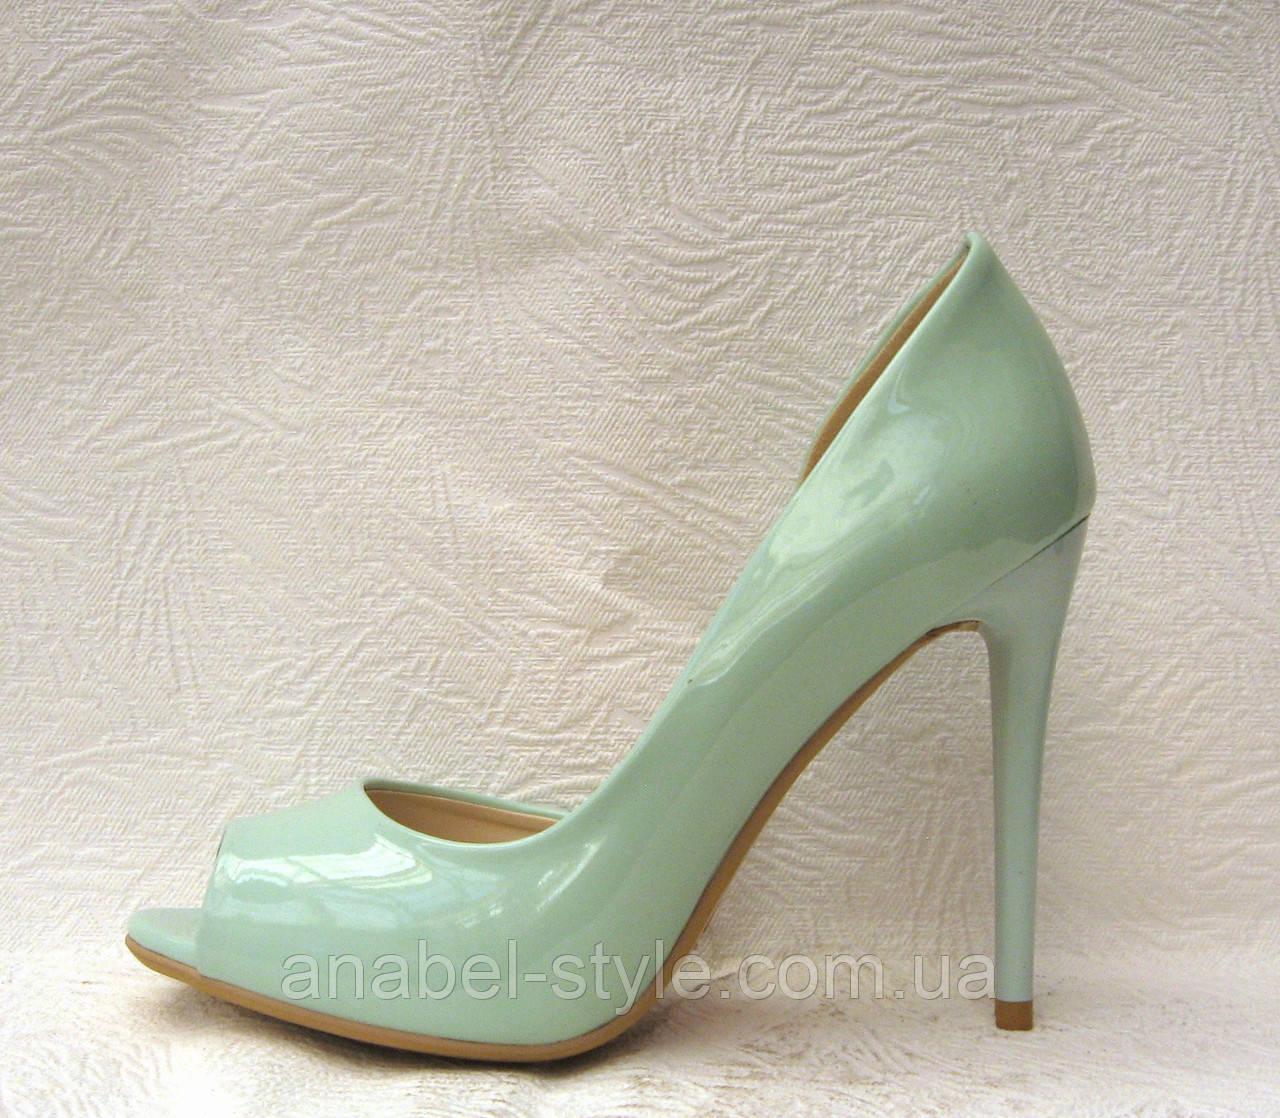 Туфли с открытым носком на шпильке лаковые мята